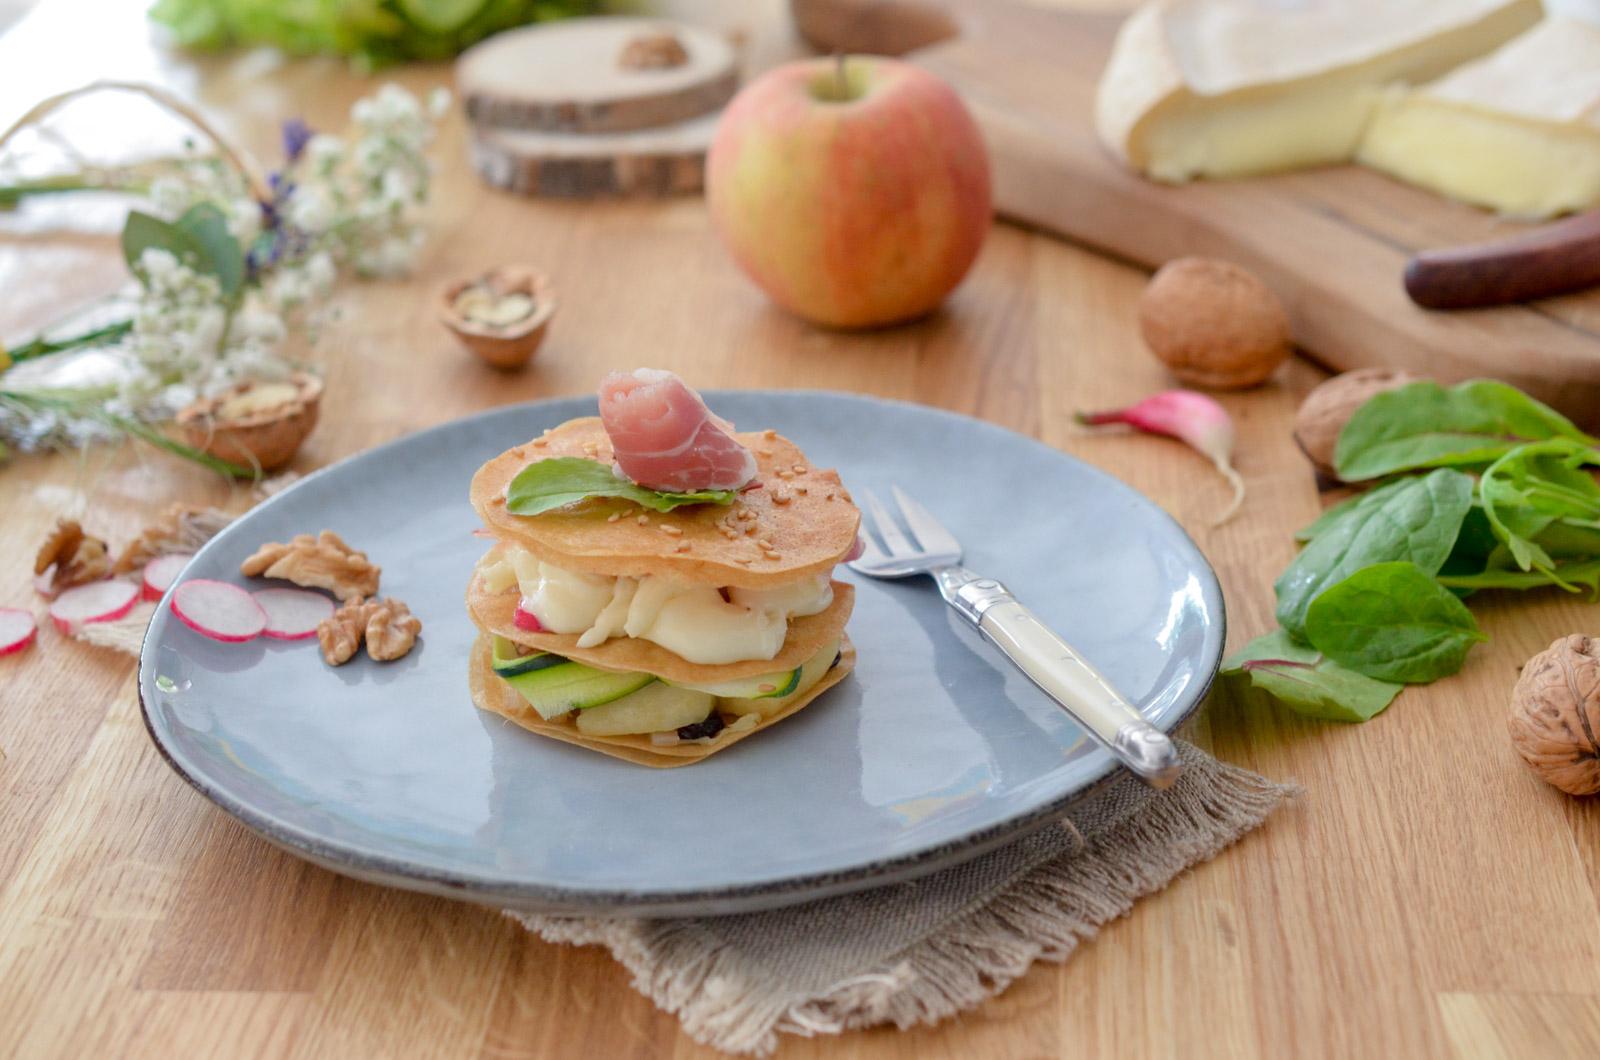 Millefeuille croustillant aux pommes et reblochon